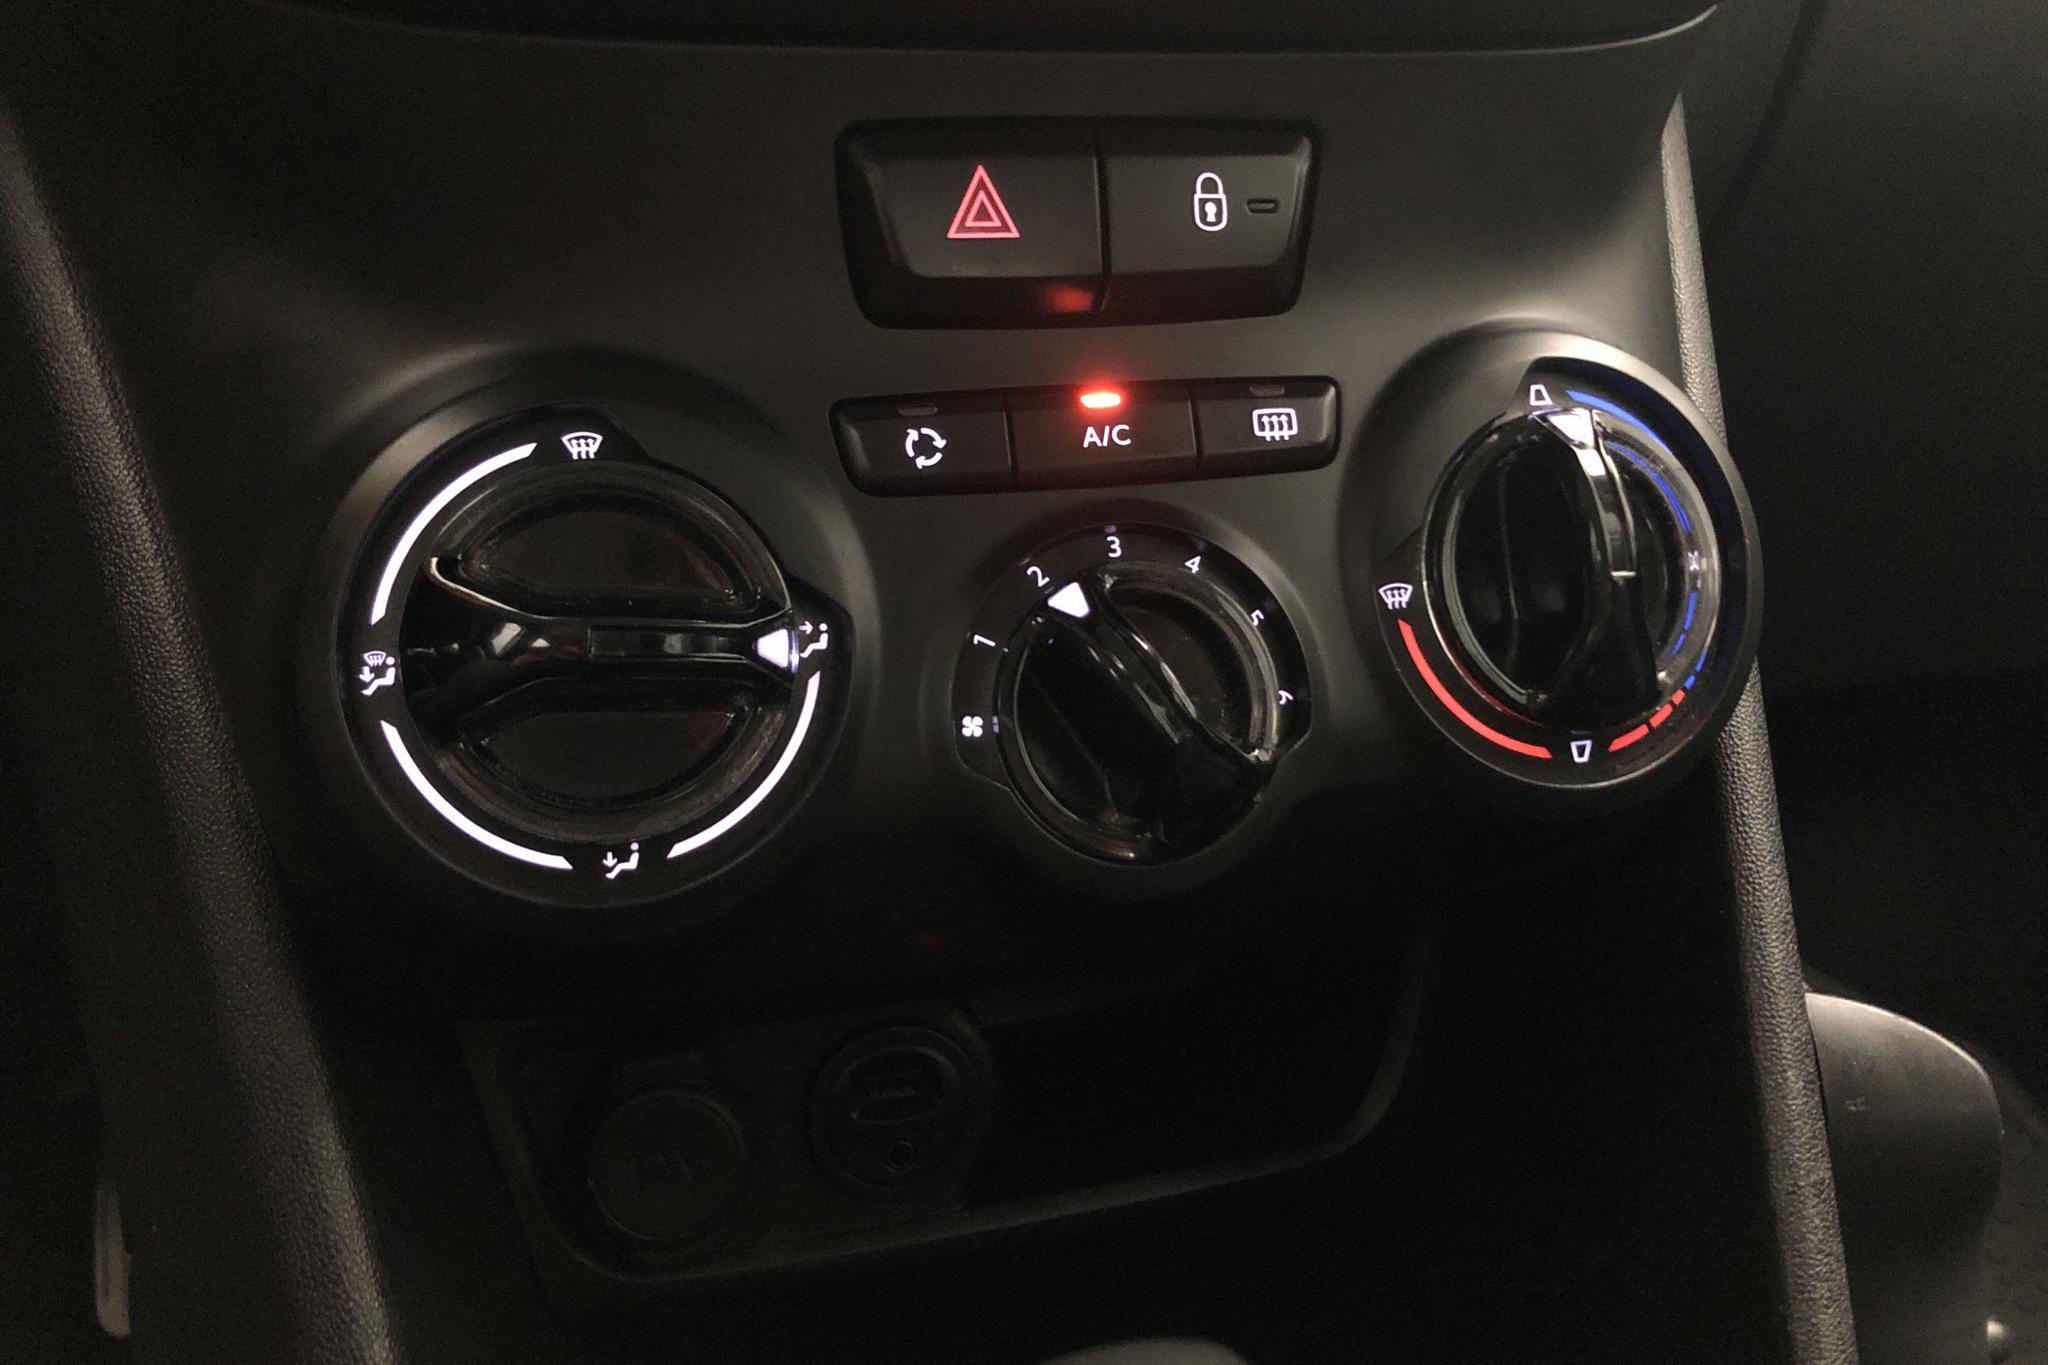 Peugeot 208 BlueHDi 5dr (100hk) - 88 750 km - Manual - white - 2016